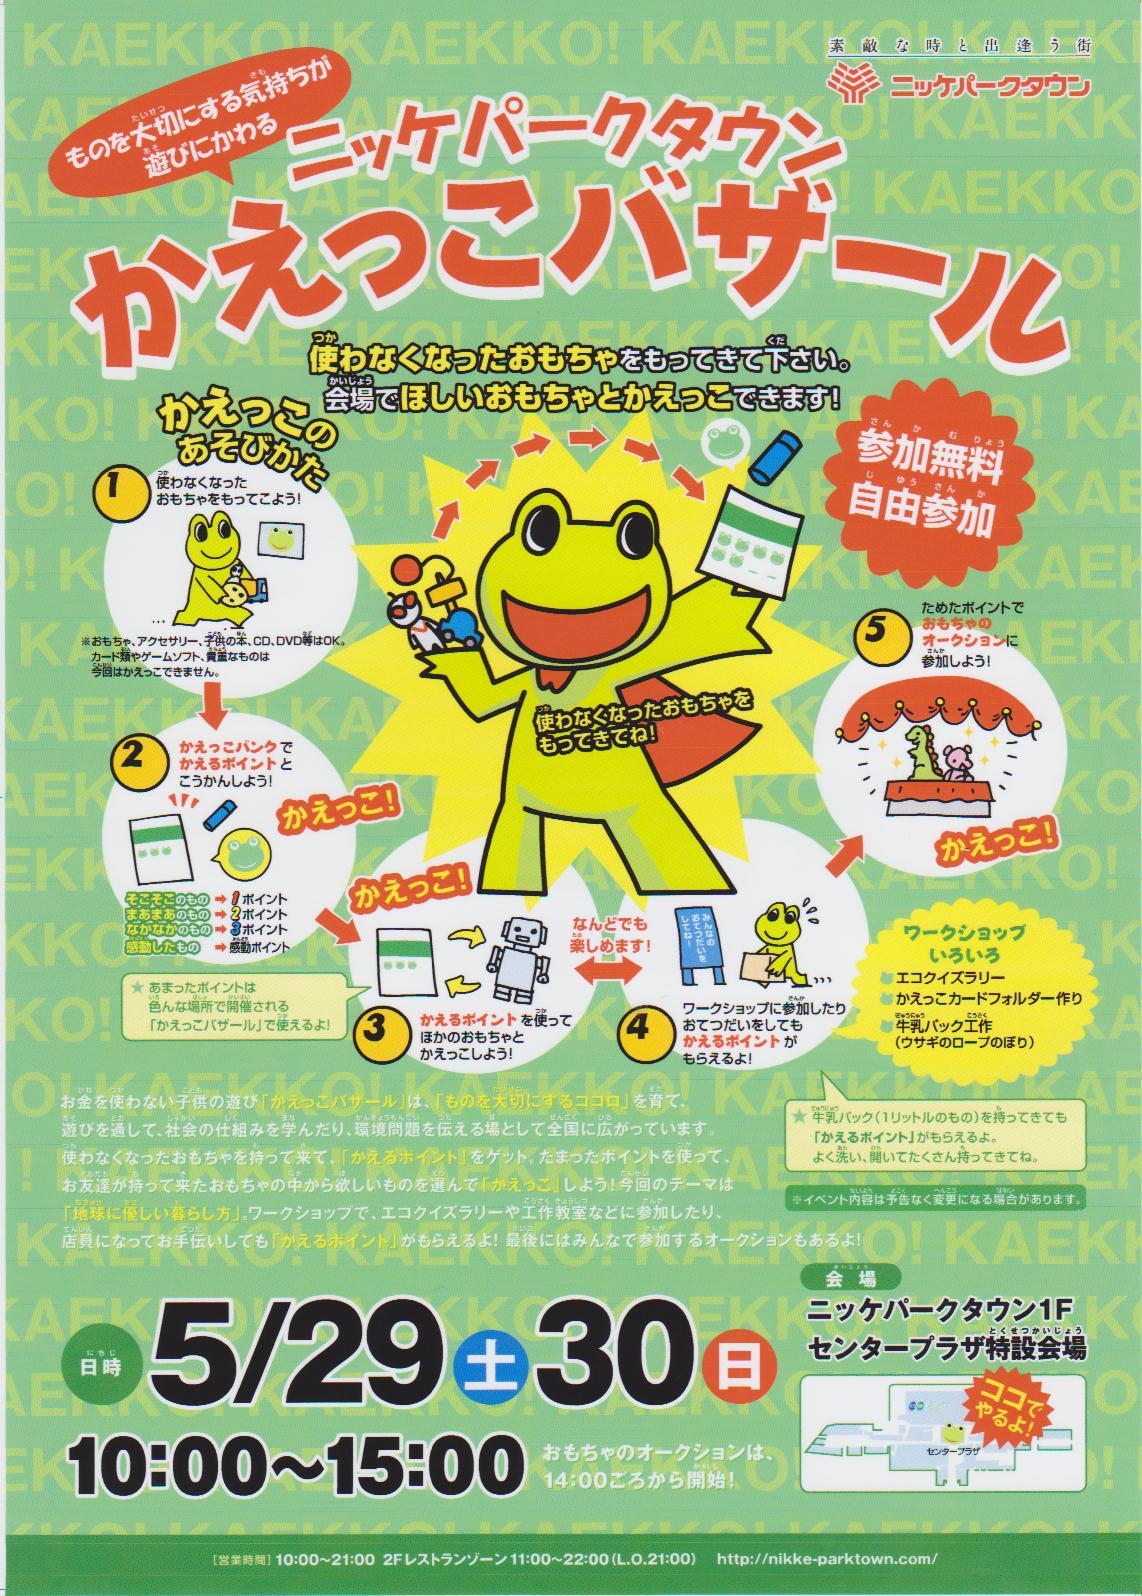 兵庫県加古川市からの開催情報_b0087598_122879.jpg